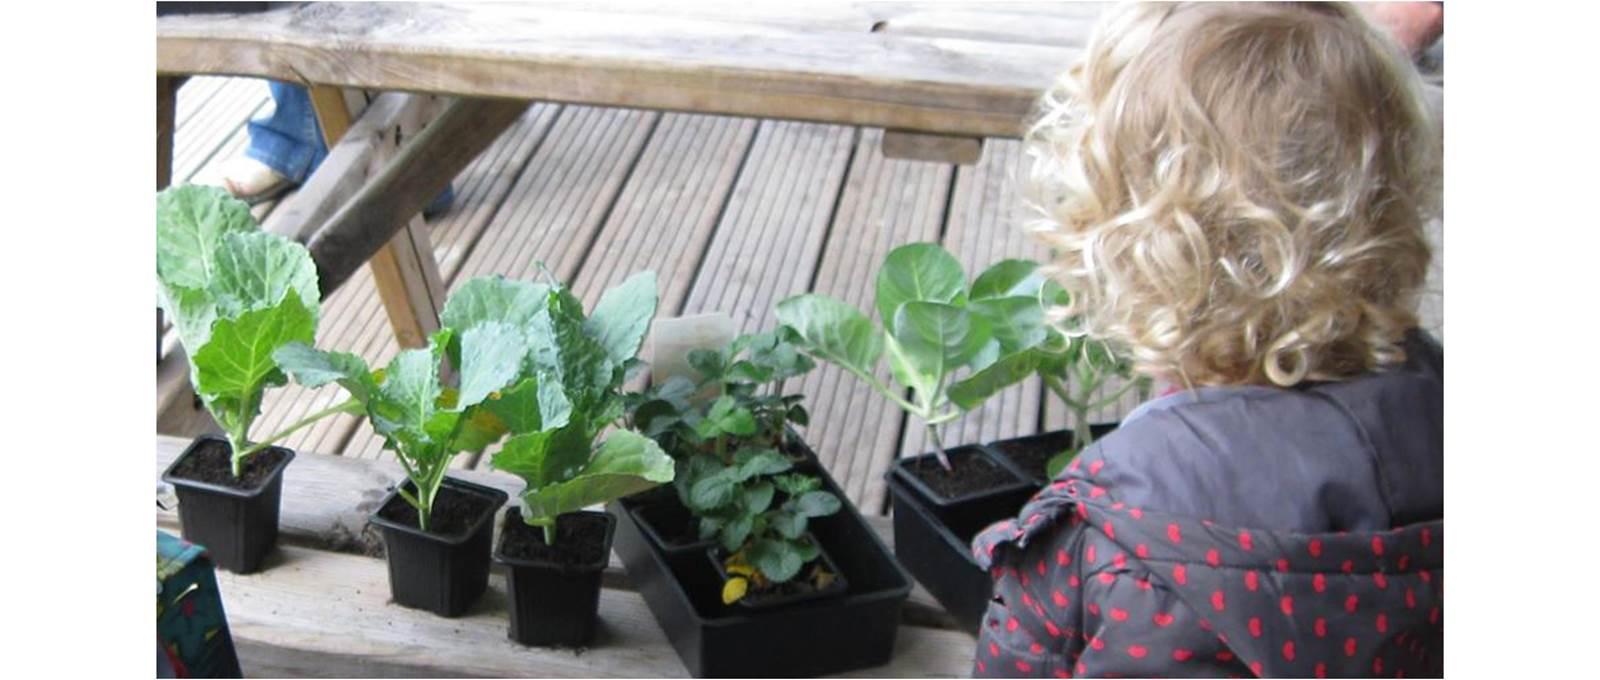 Faites découvrir l'environnement et l'écologie aux enfants